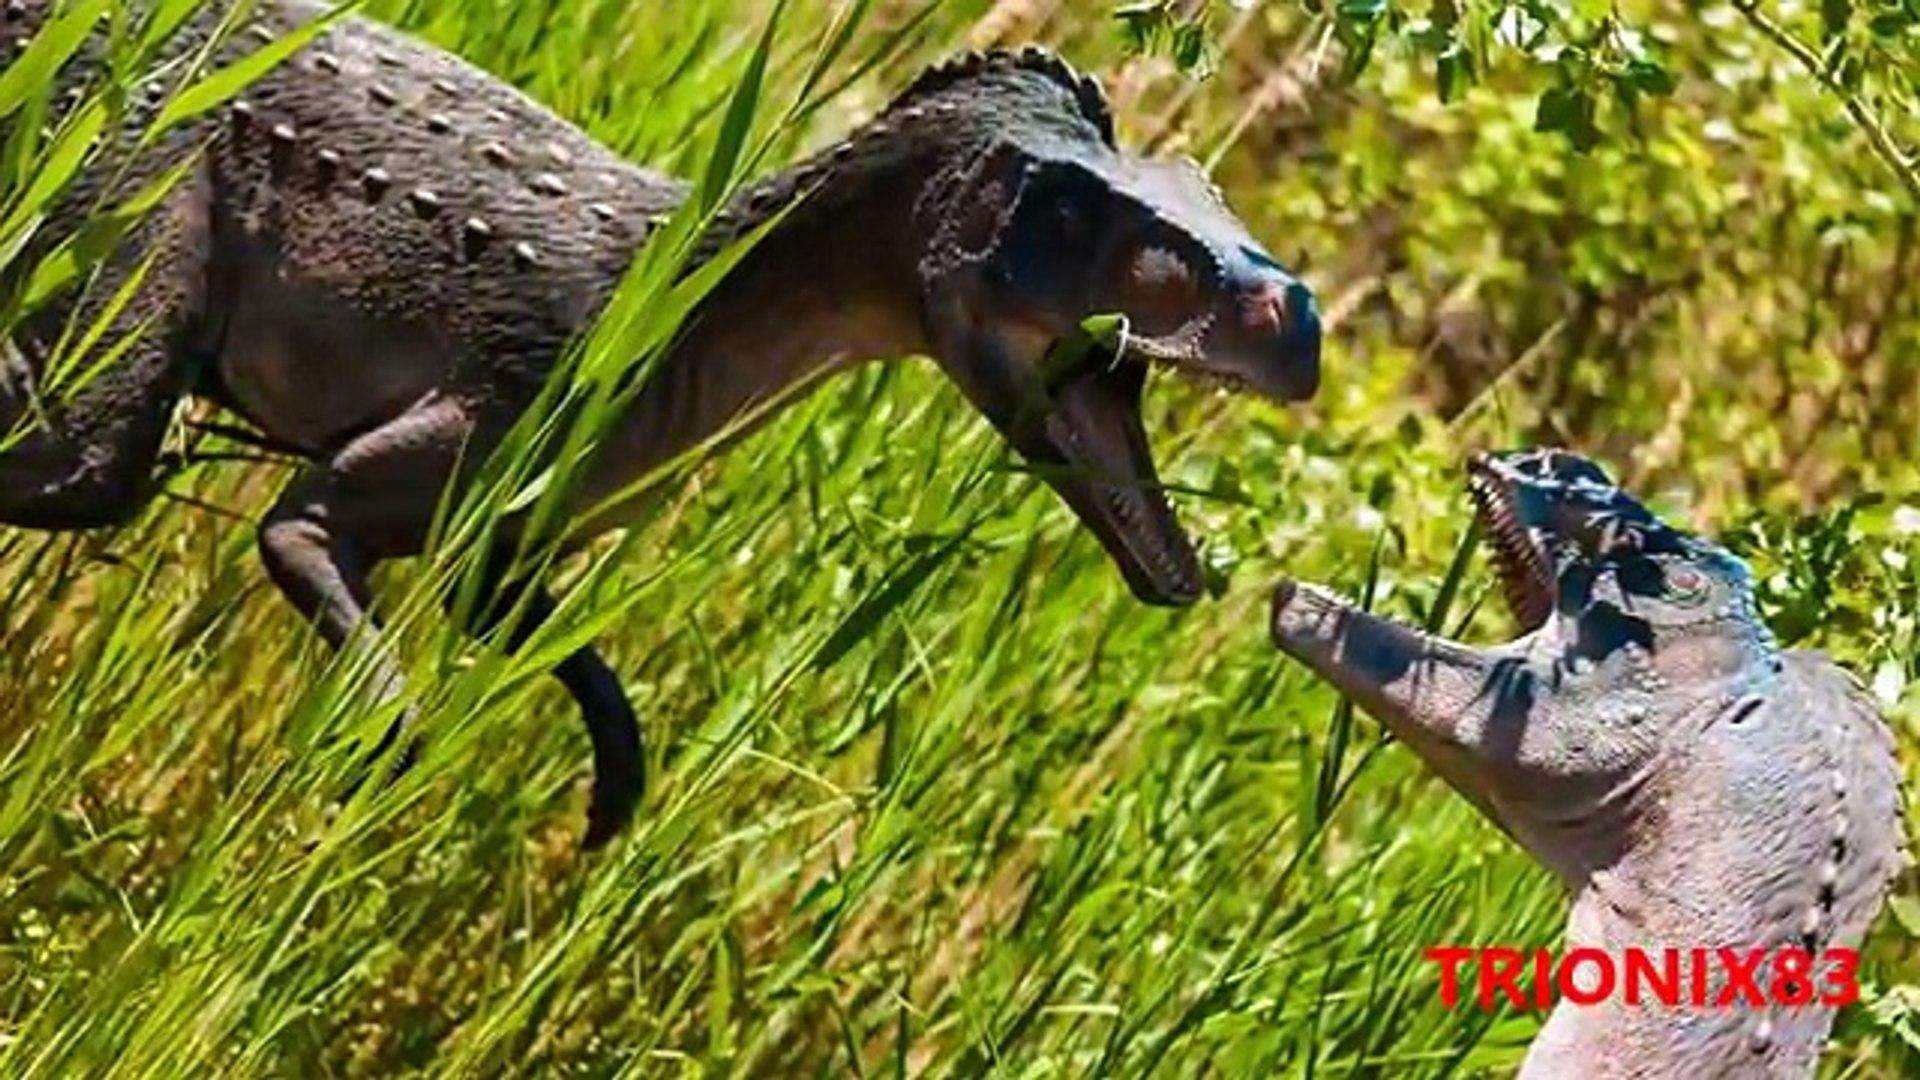 Dinosaurios Reales Dinosaurios Vivos Reales Dinosaurios Vivos En La Ualidad Video Dailymotion Tu pueblo será atacado por zombies esta noche. dinosaurios reales dinosaurios vivos